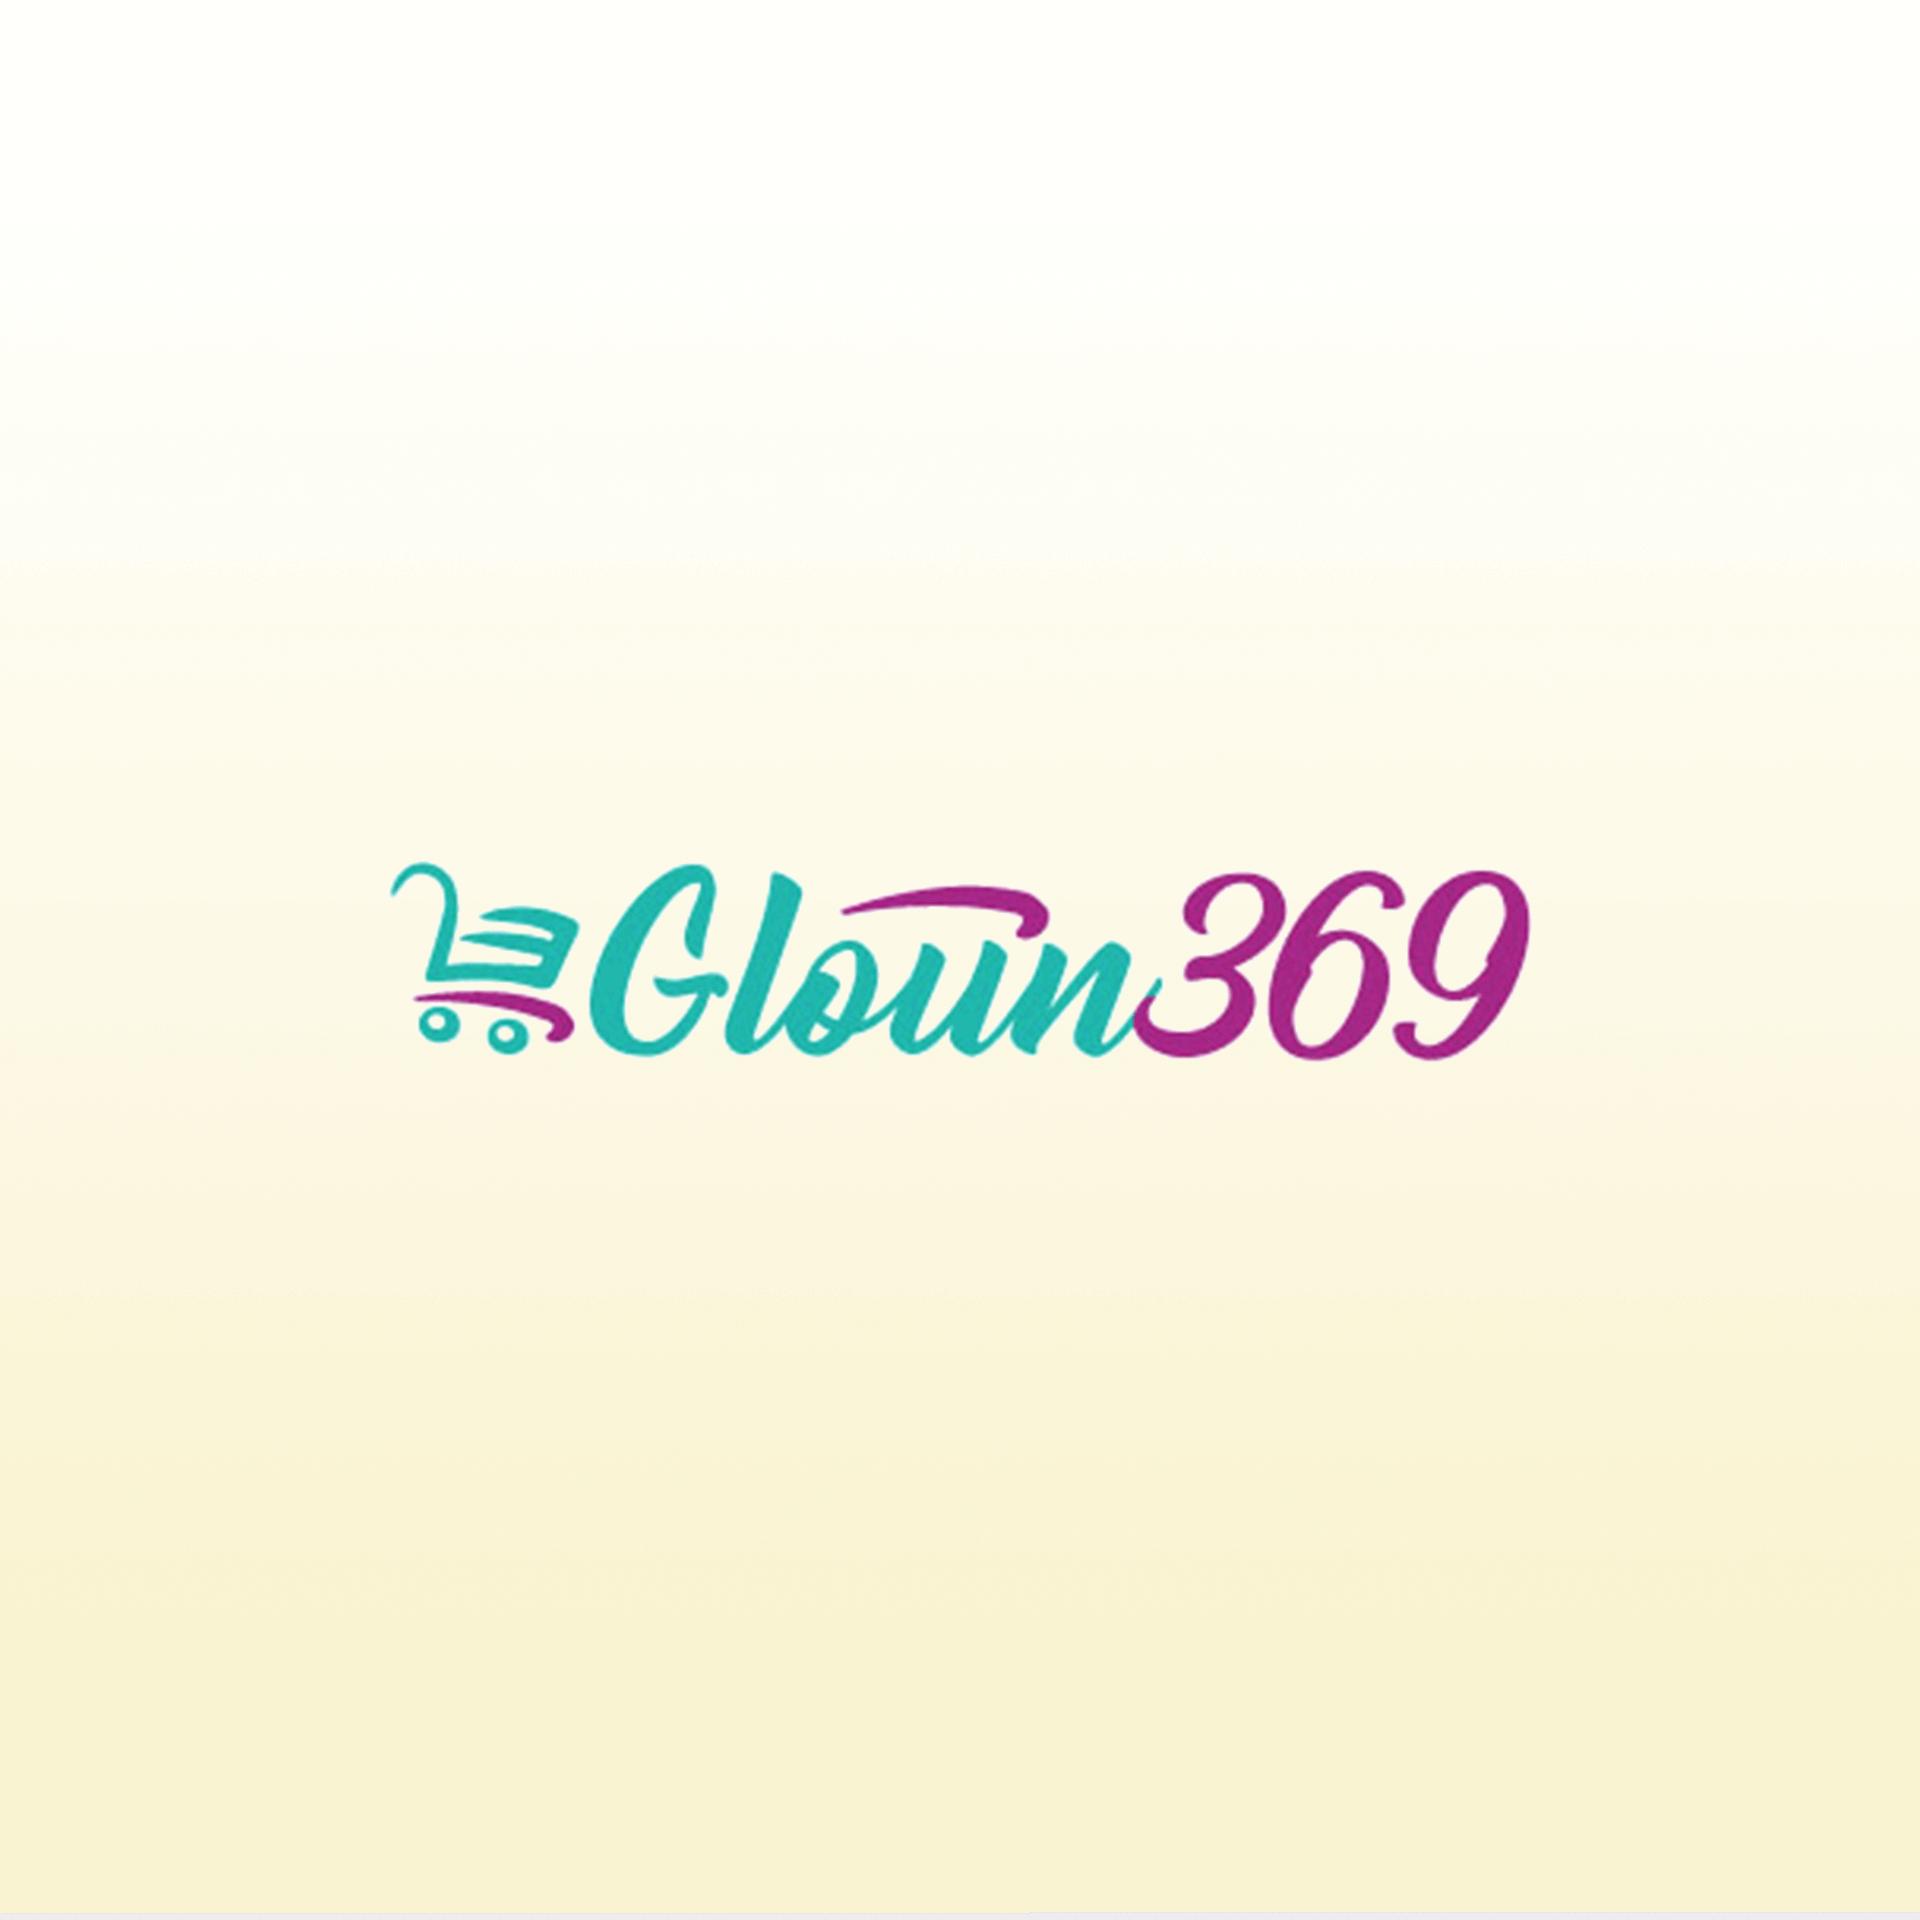 Gloun369